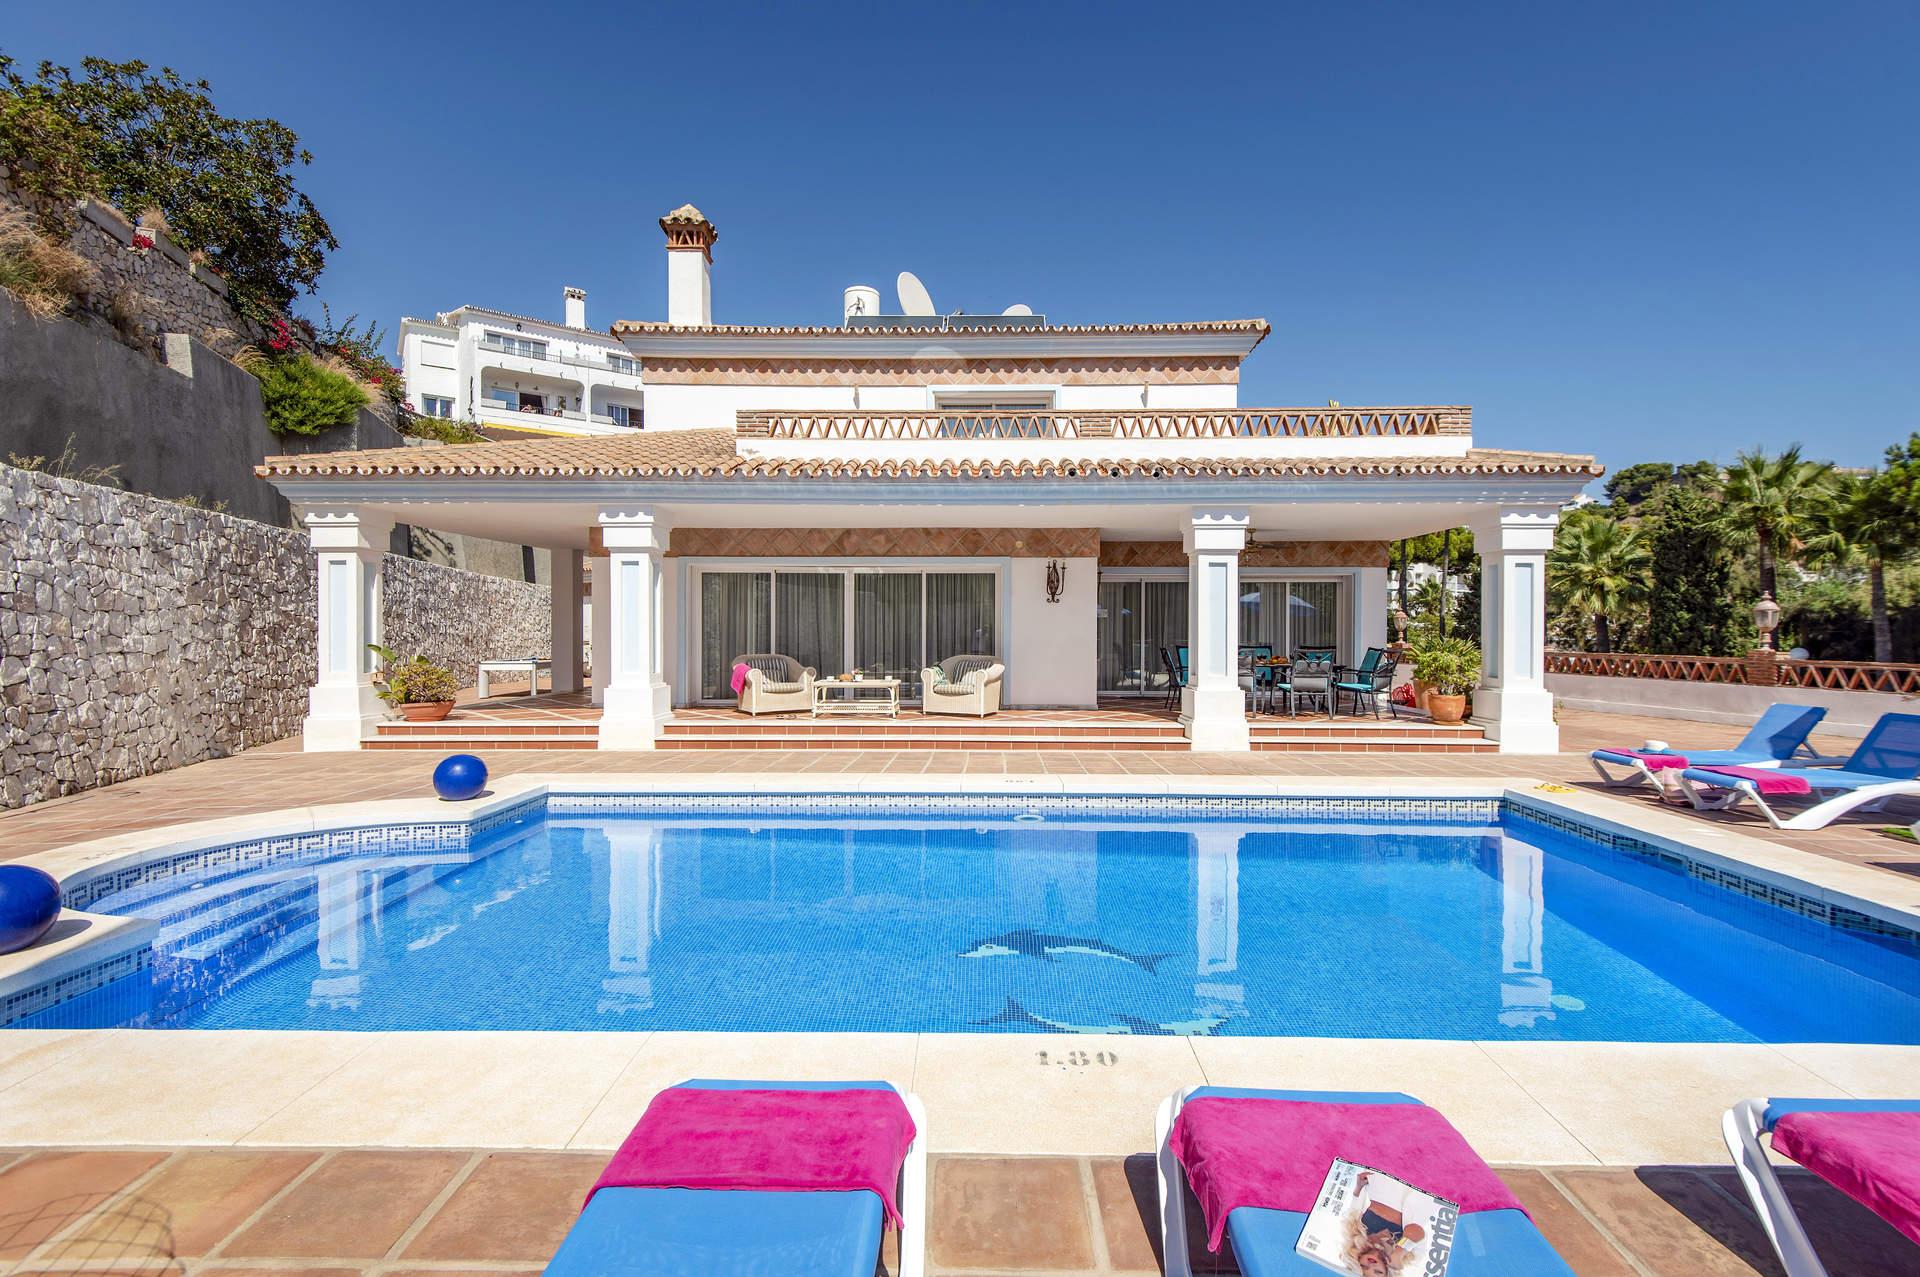 Villa miraflores sol in mijas costa costa del sol villa - Costa muebles mijas ...